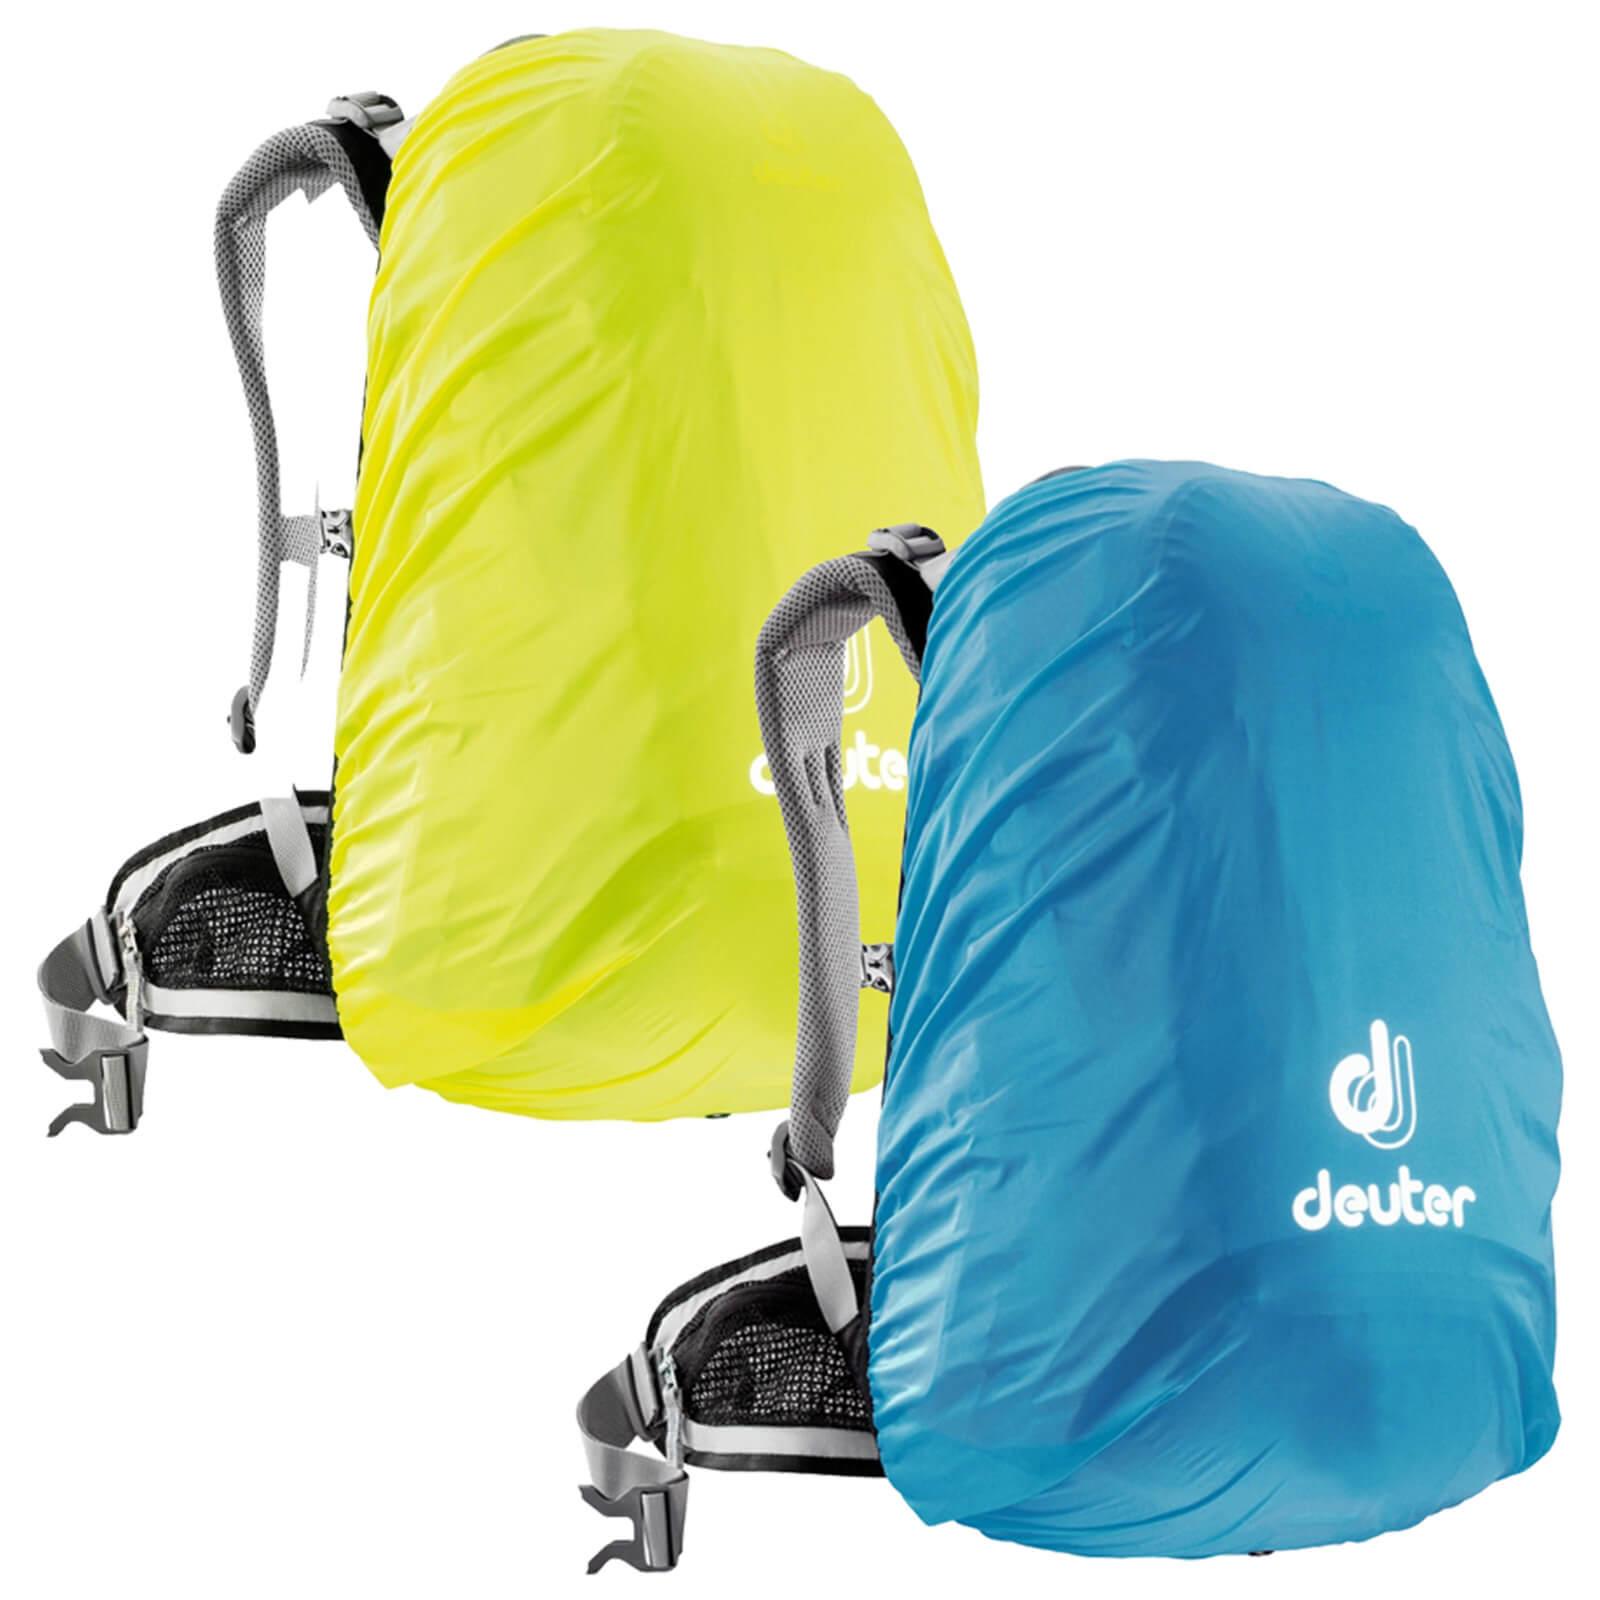 Deuter Backpack Raincover 1